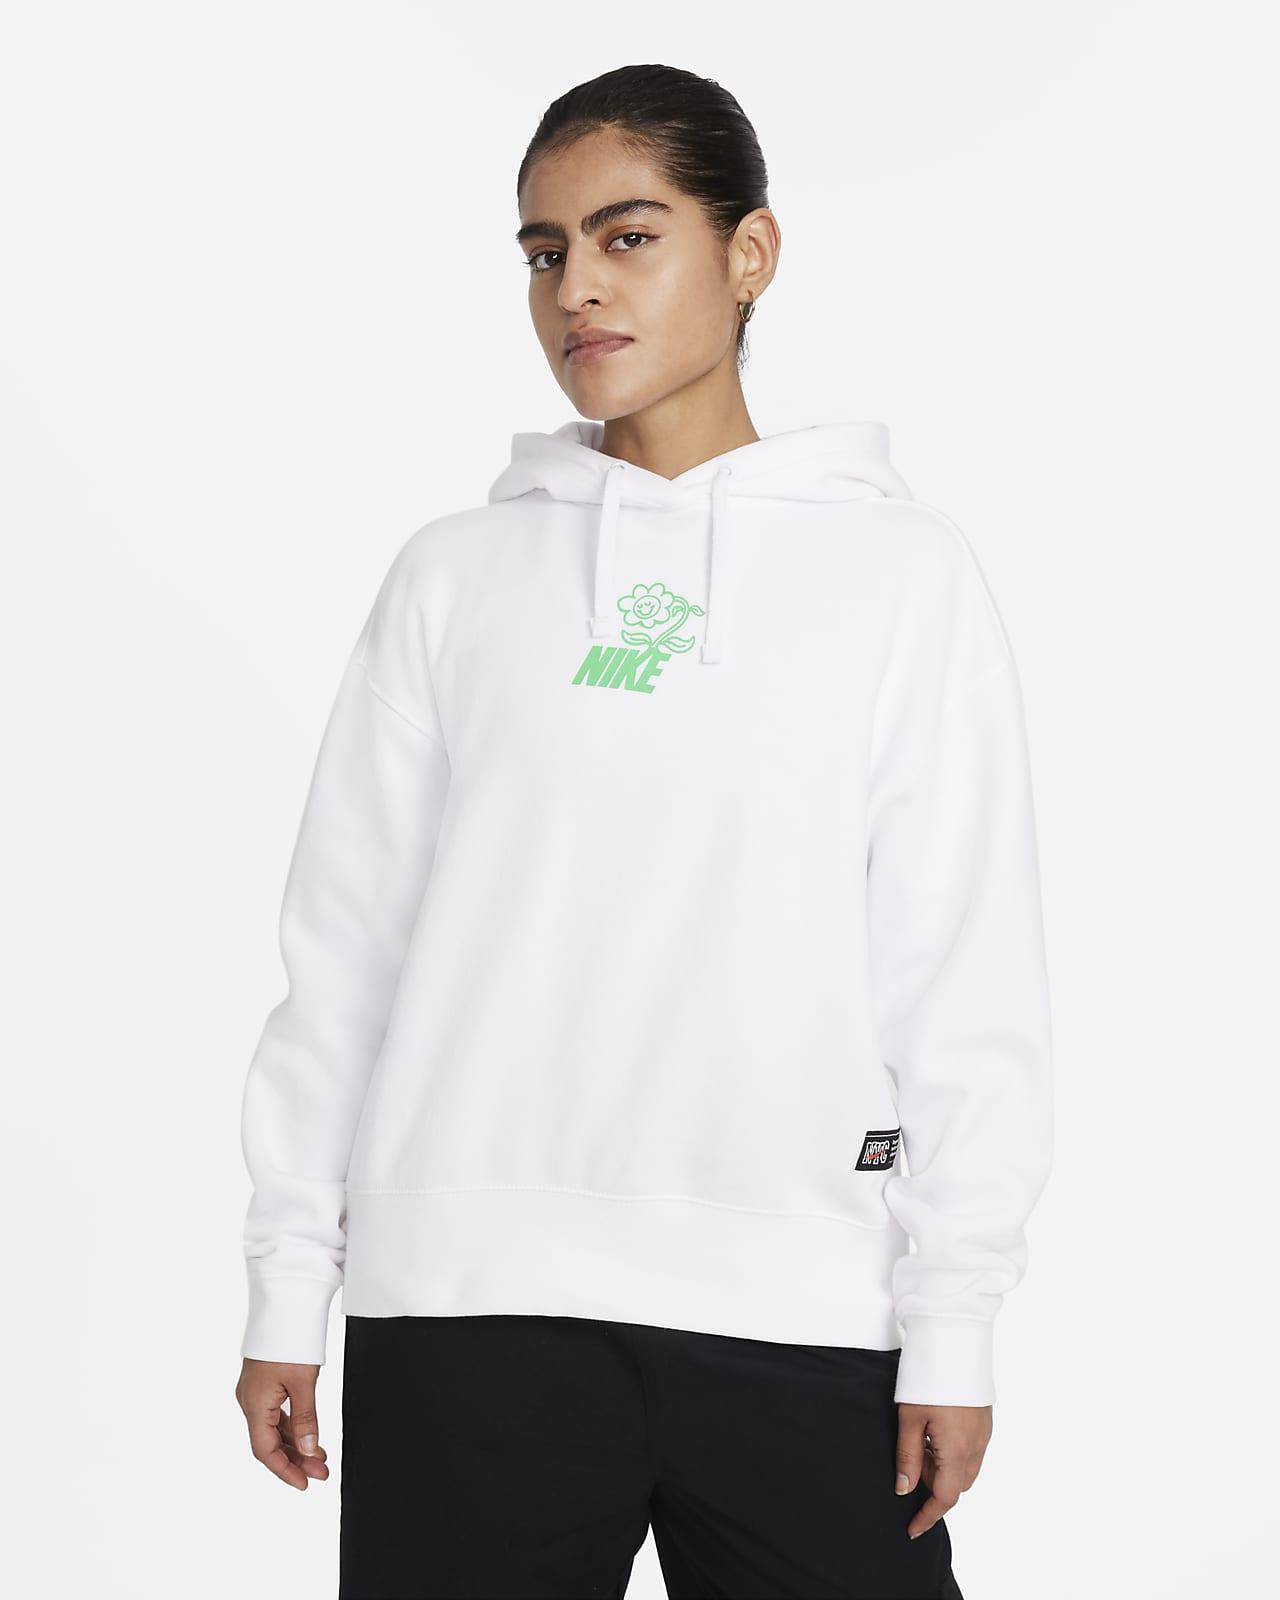 Nike Sportswear NYC Women's Pullover Hoodie